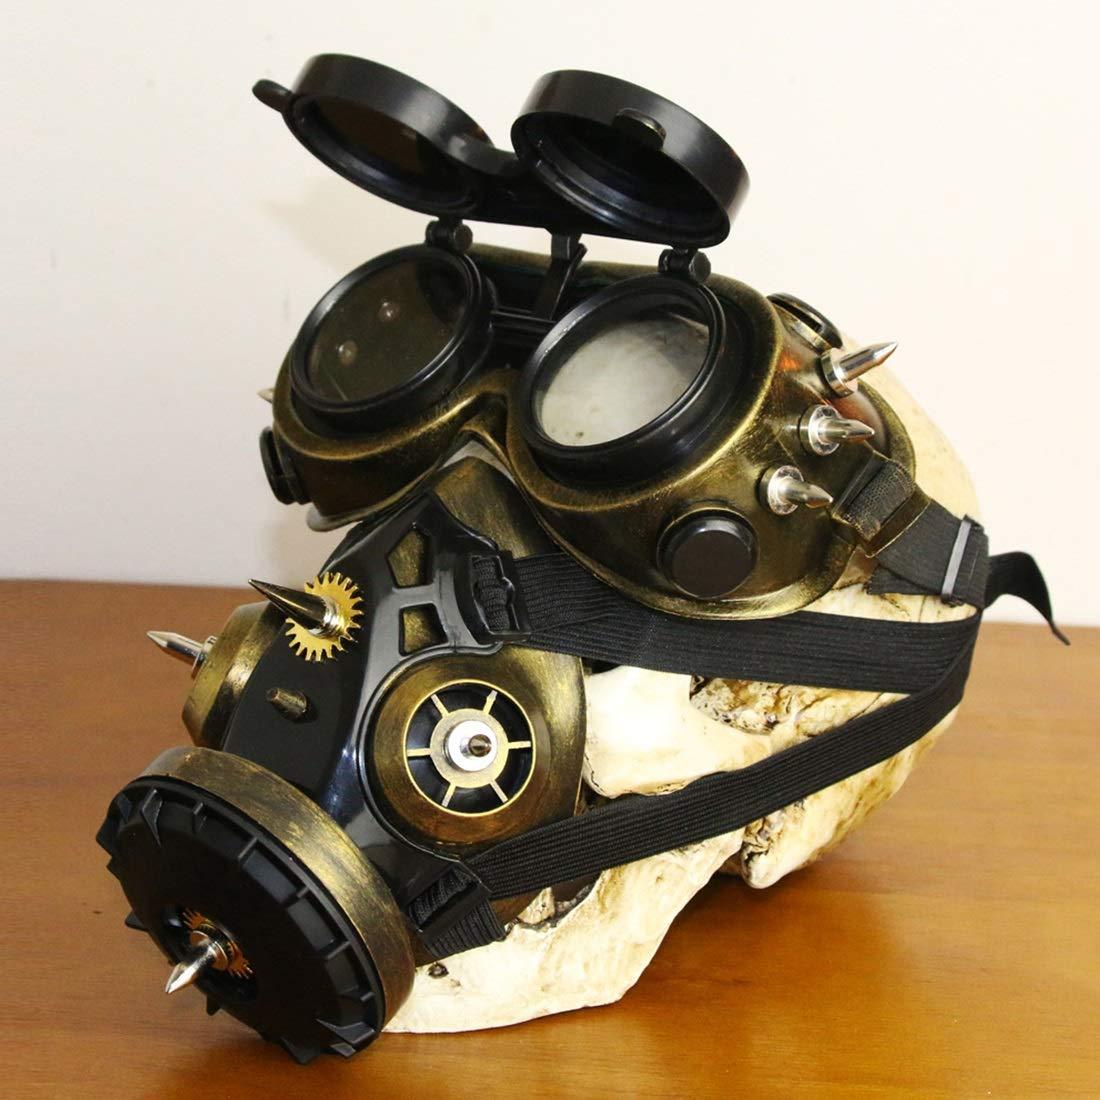 Fepelasi Cosplay Disfraz de Halloween Props Biohazard Steampunk Máscara de Gas Máscara Espigas Esqueleto Guerrero Máscara de la Muerte Mascarada (Color ...